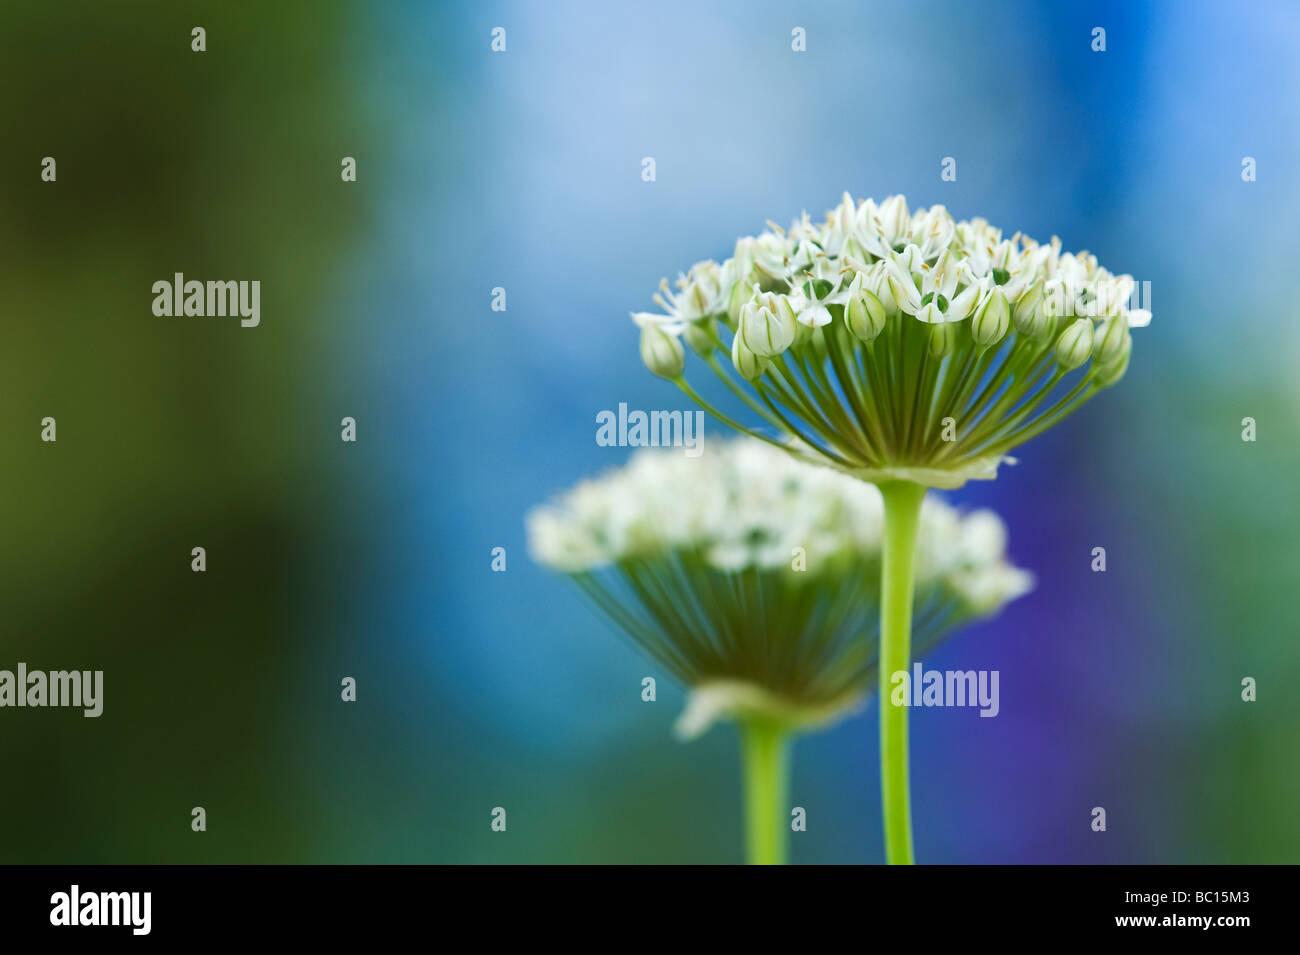 Allium Nigrum. Zierpflanzen Zwiebel/Knoblauch Blumen Schwarz Stockbild